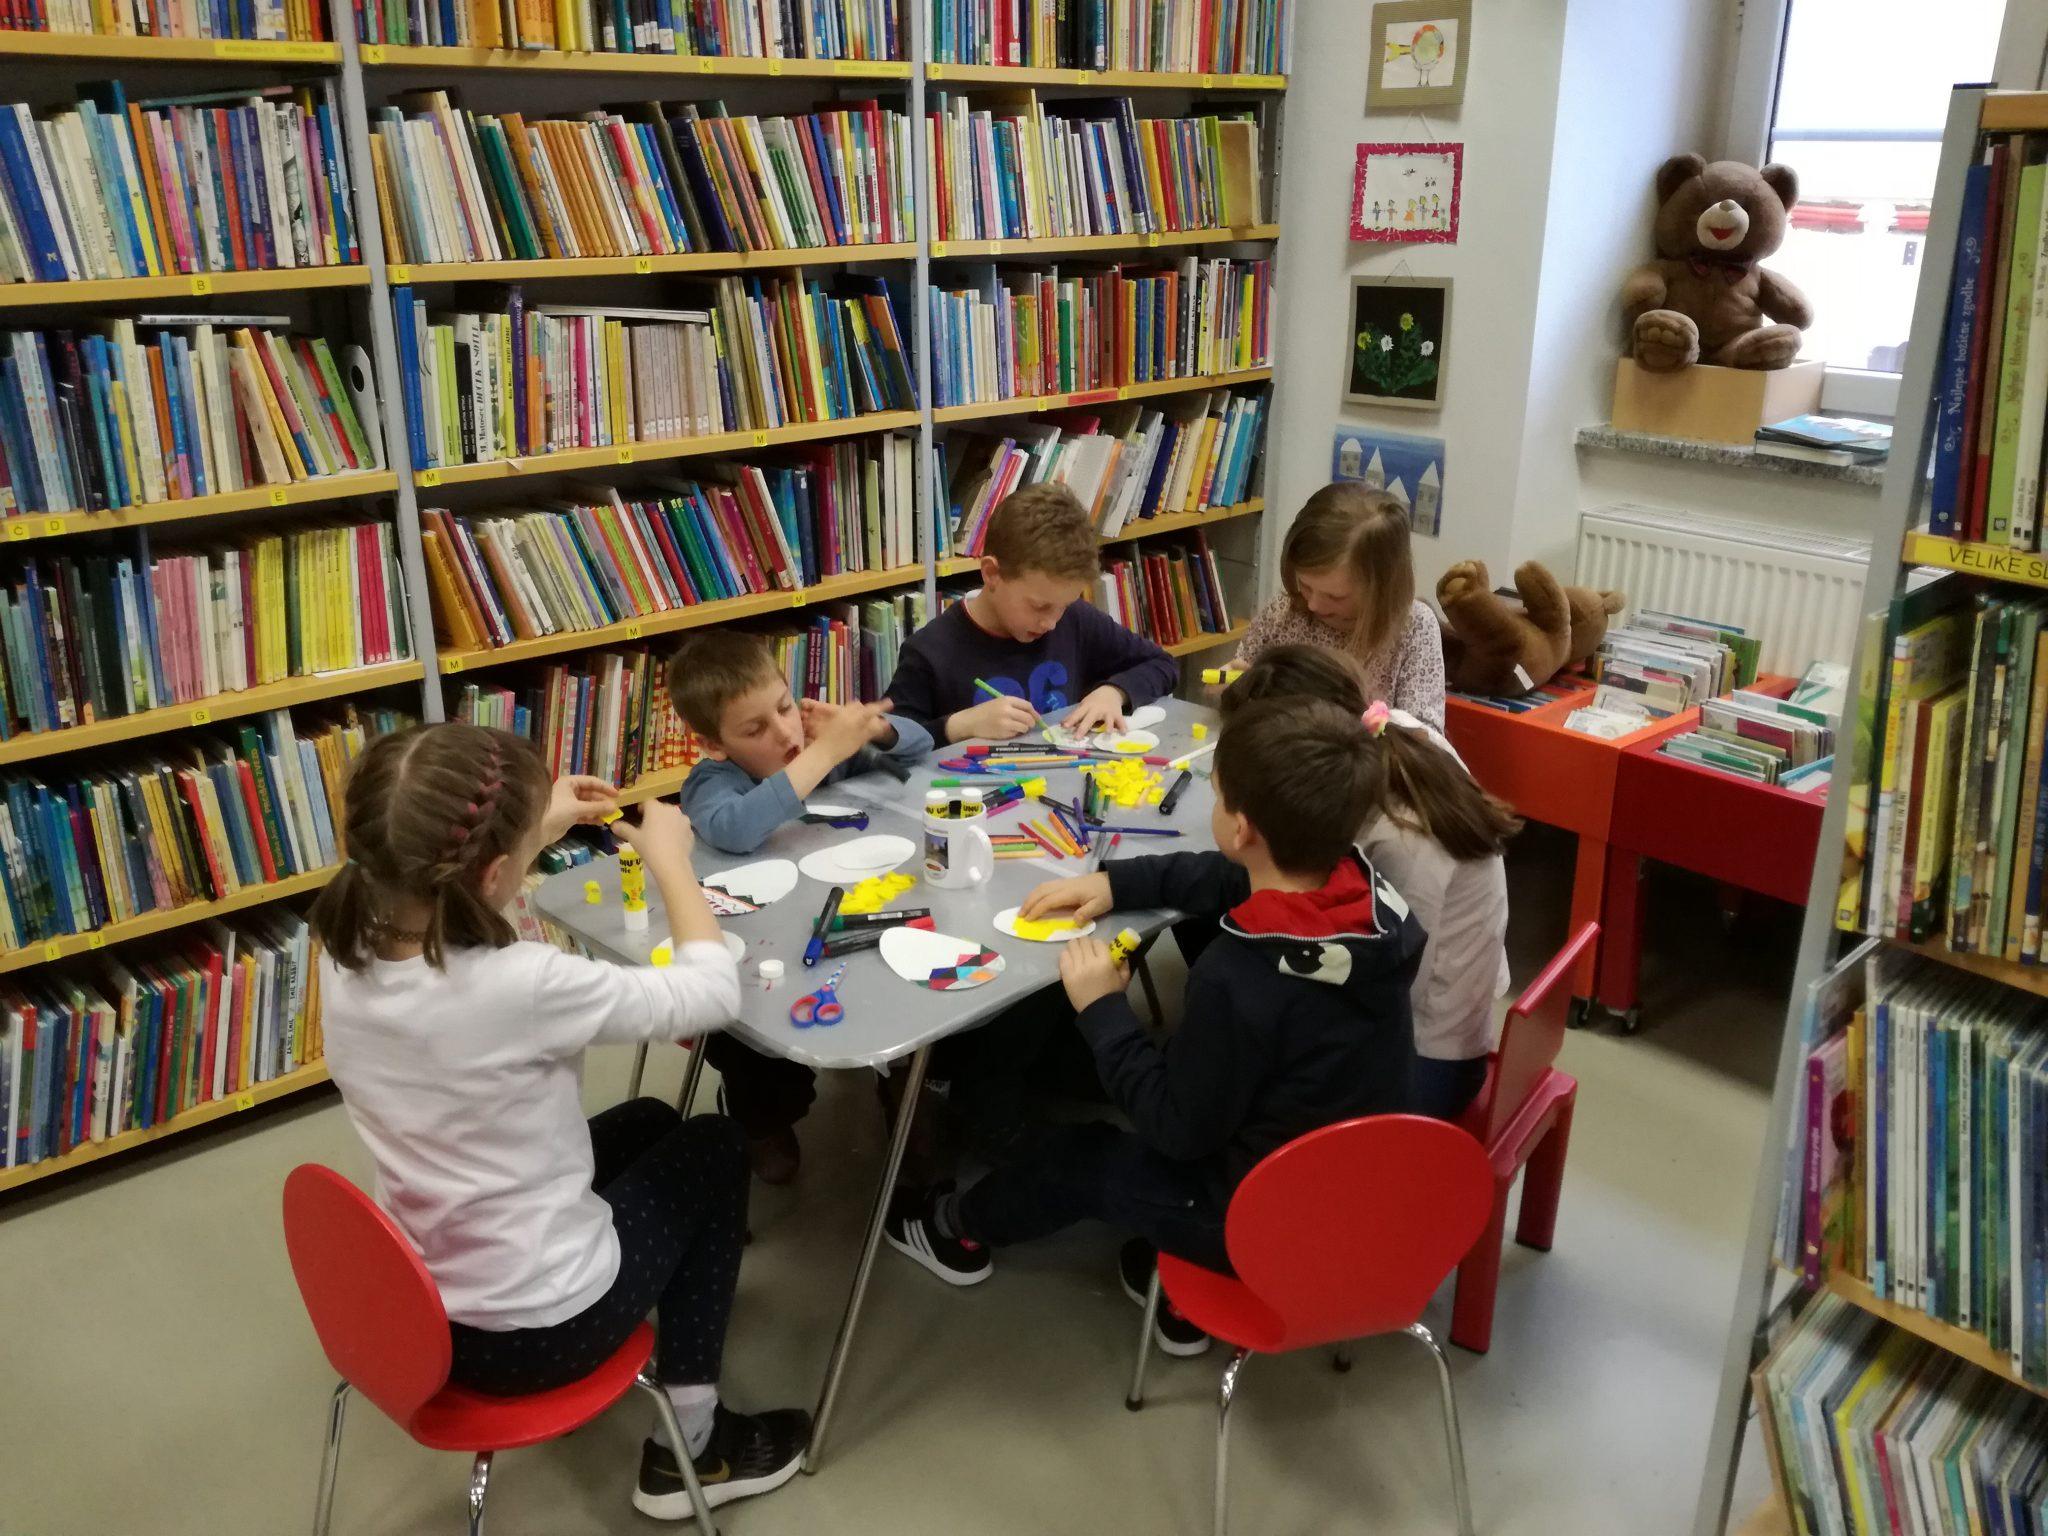 IMG 20190412 175527 - Pravljična ura in ustvarjalna delavnica za otroke od 4. leta dalje - Cerknica